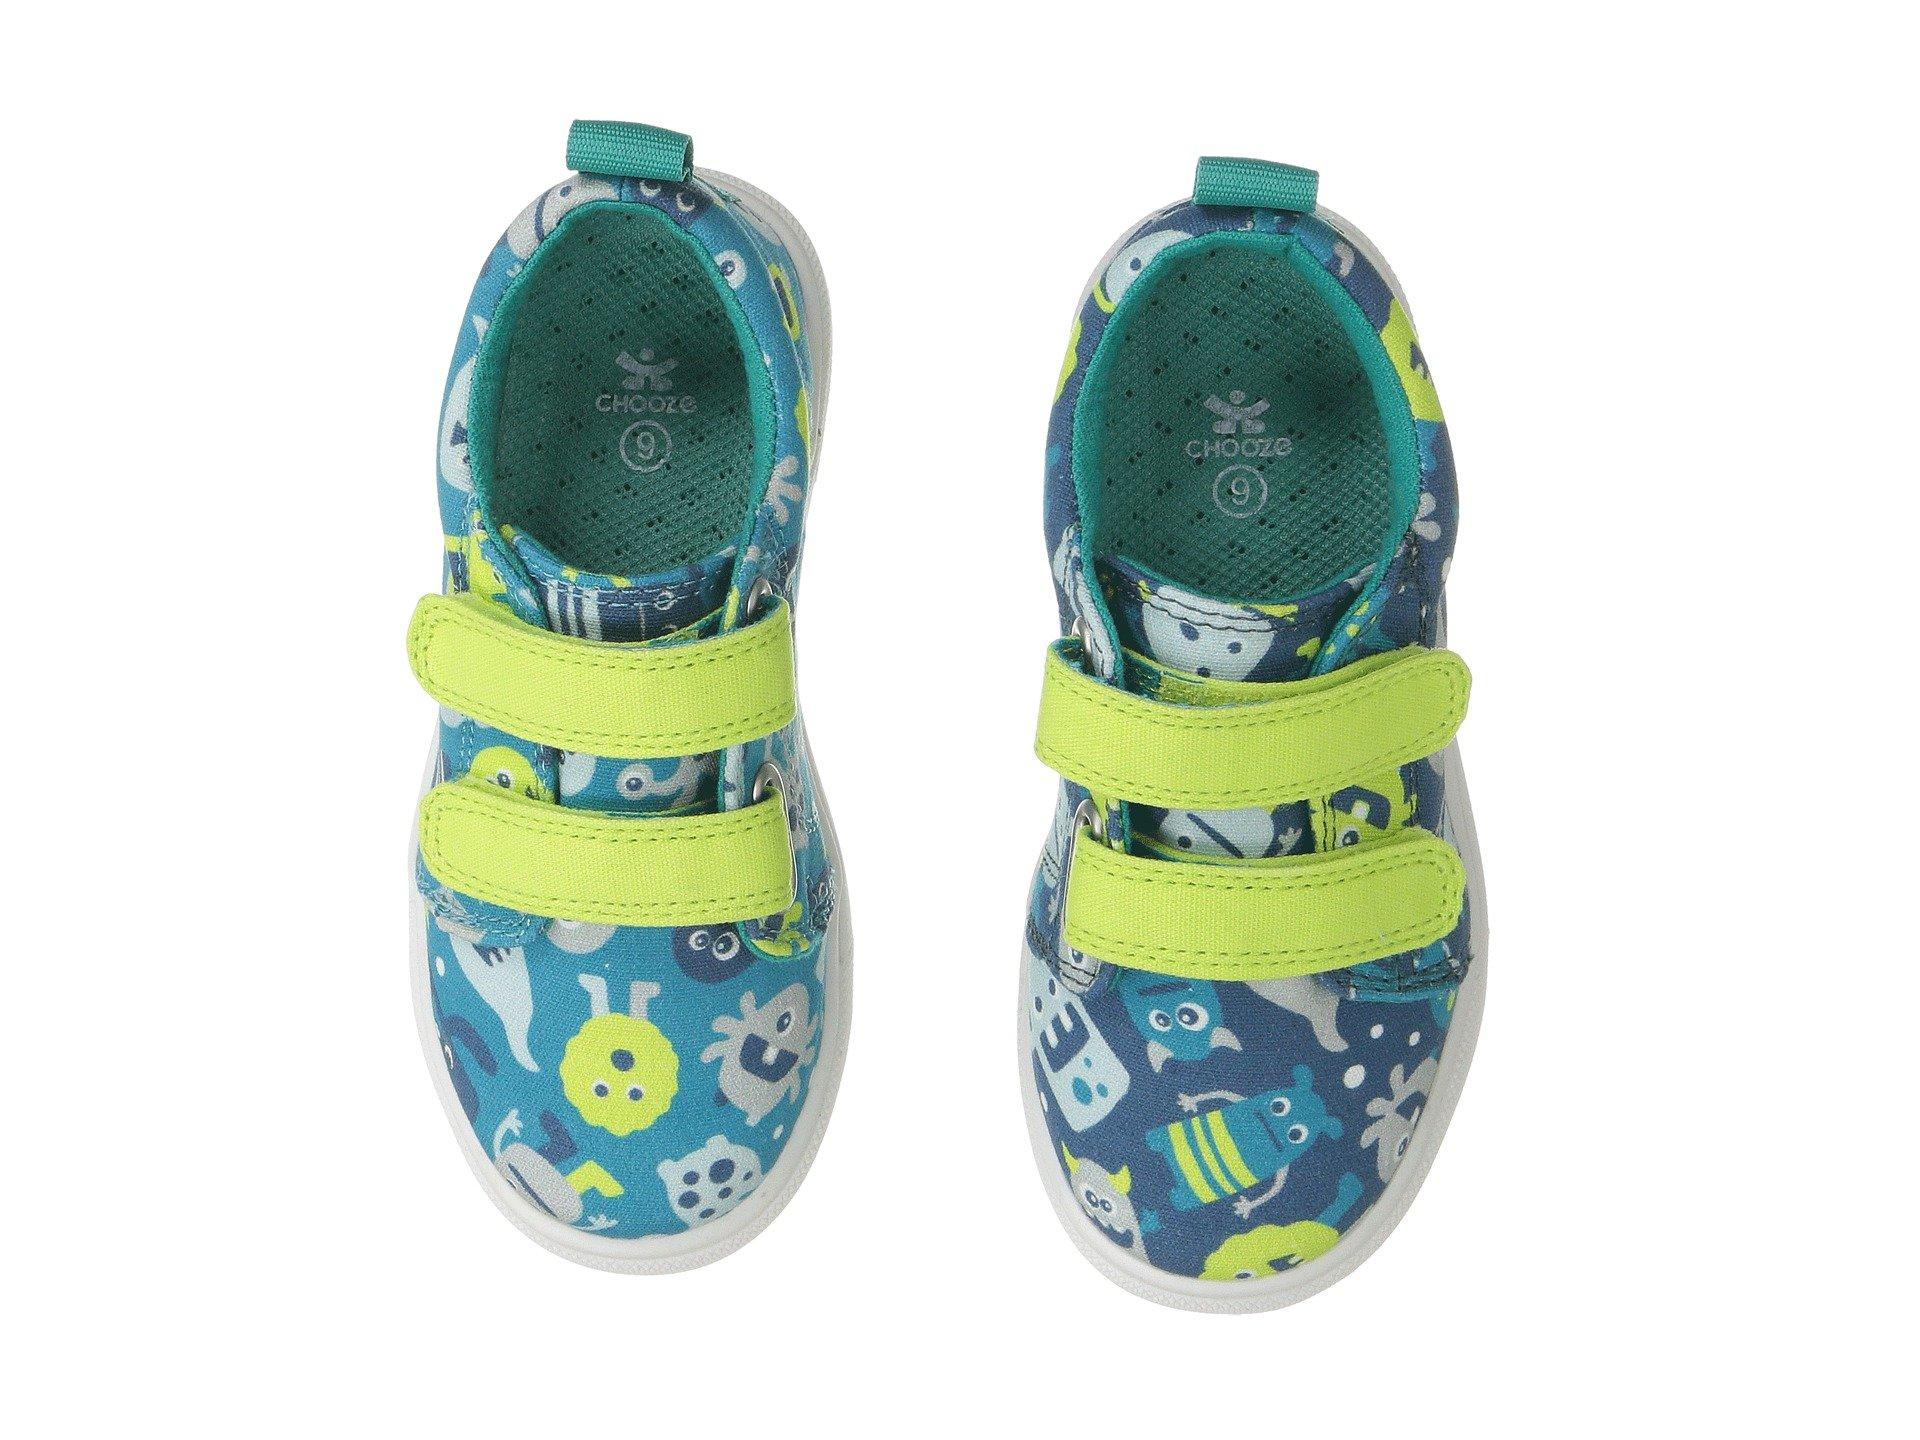 Sale Chooze Shoes